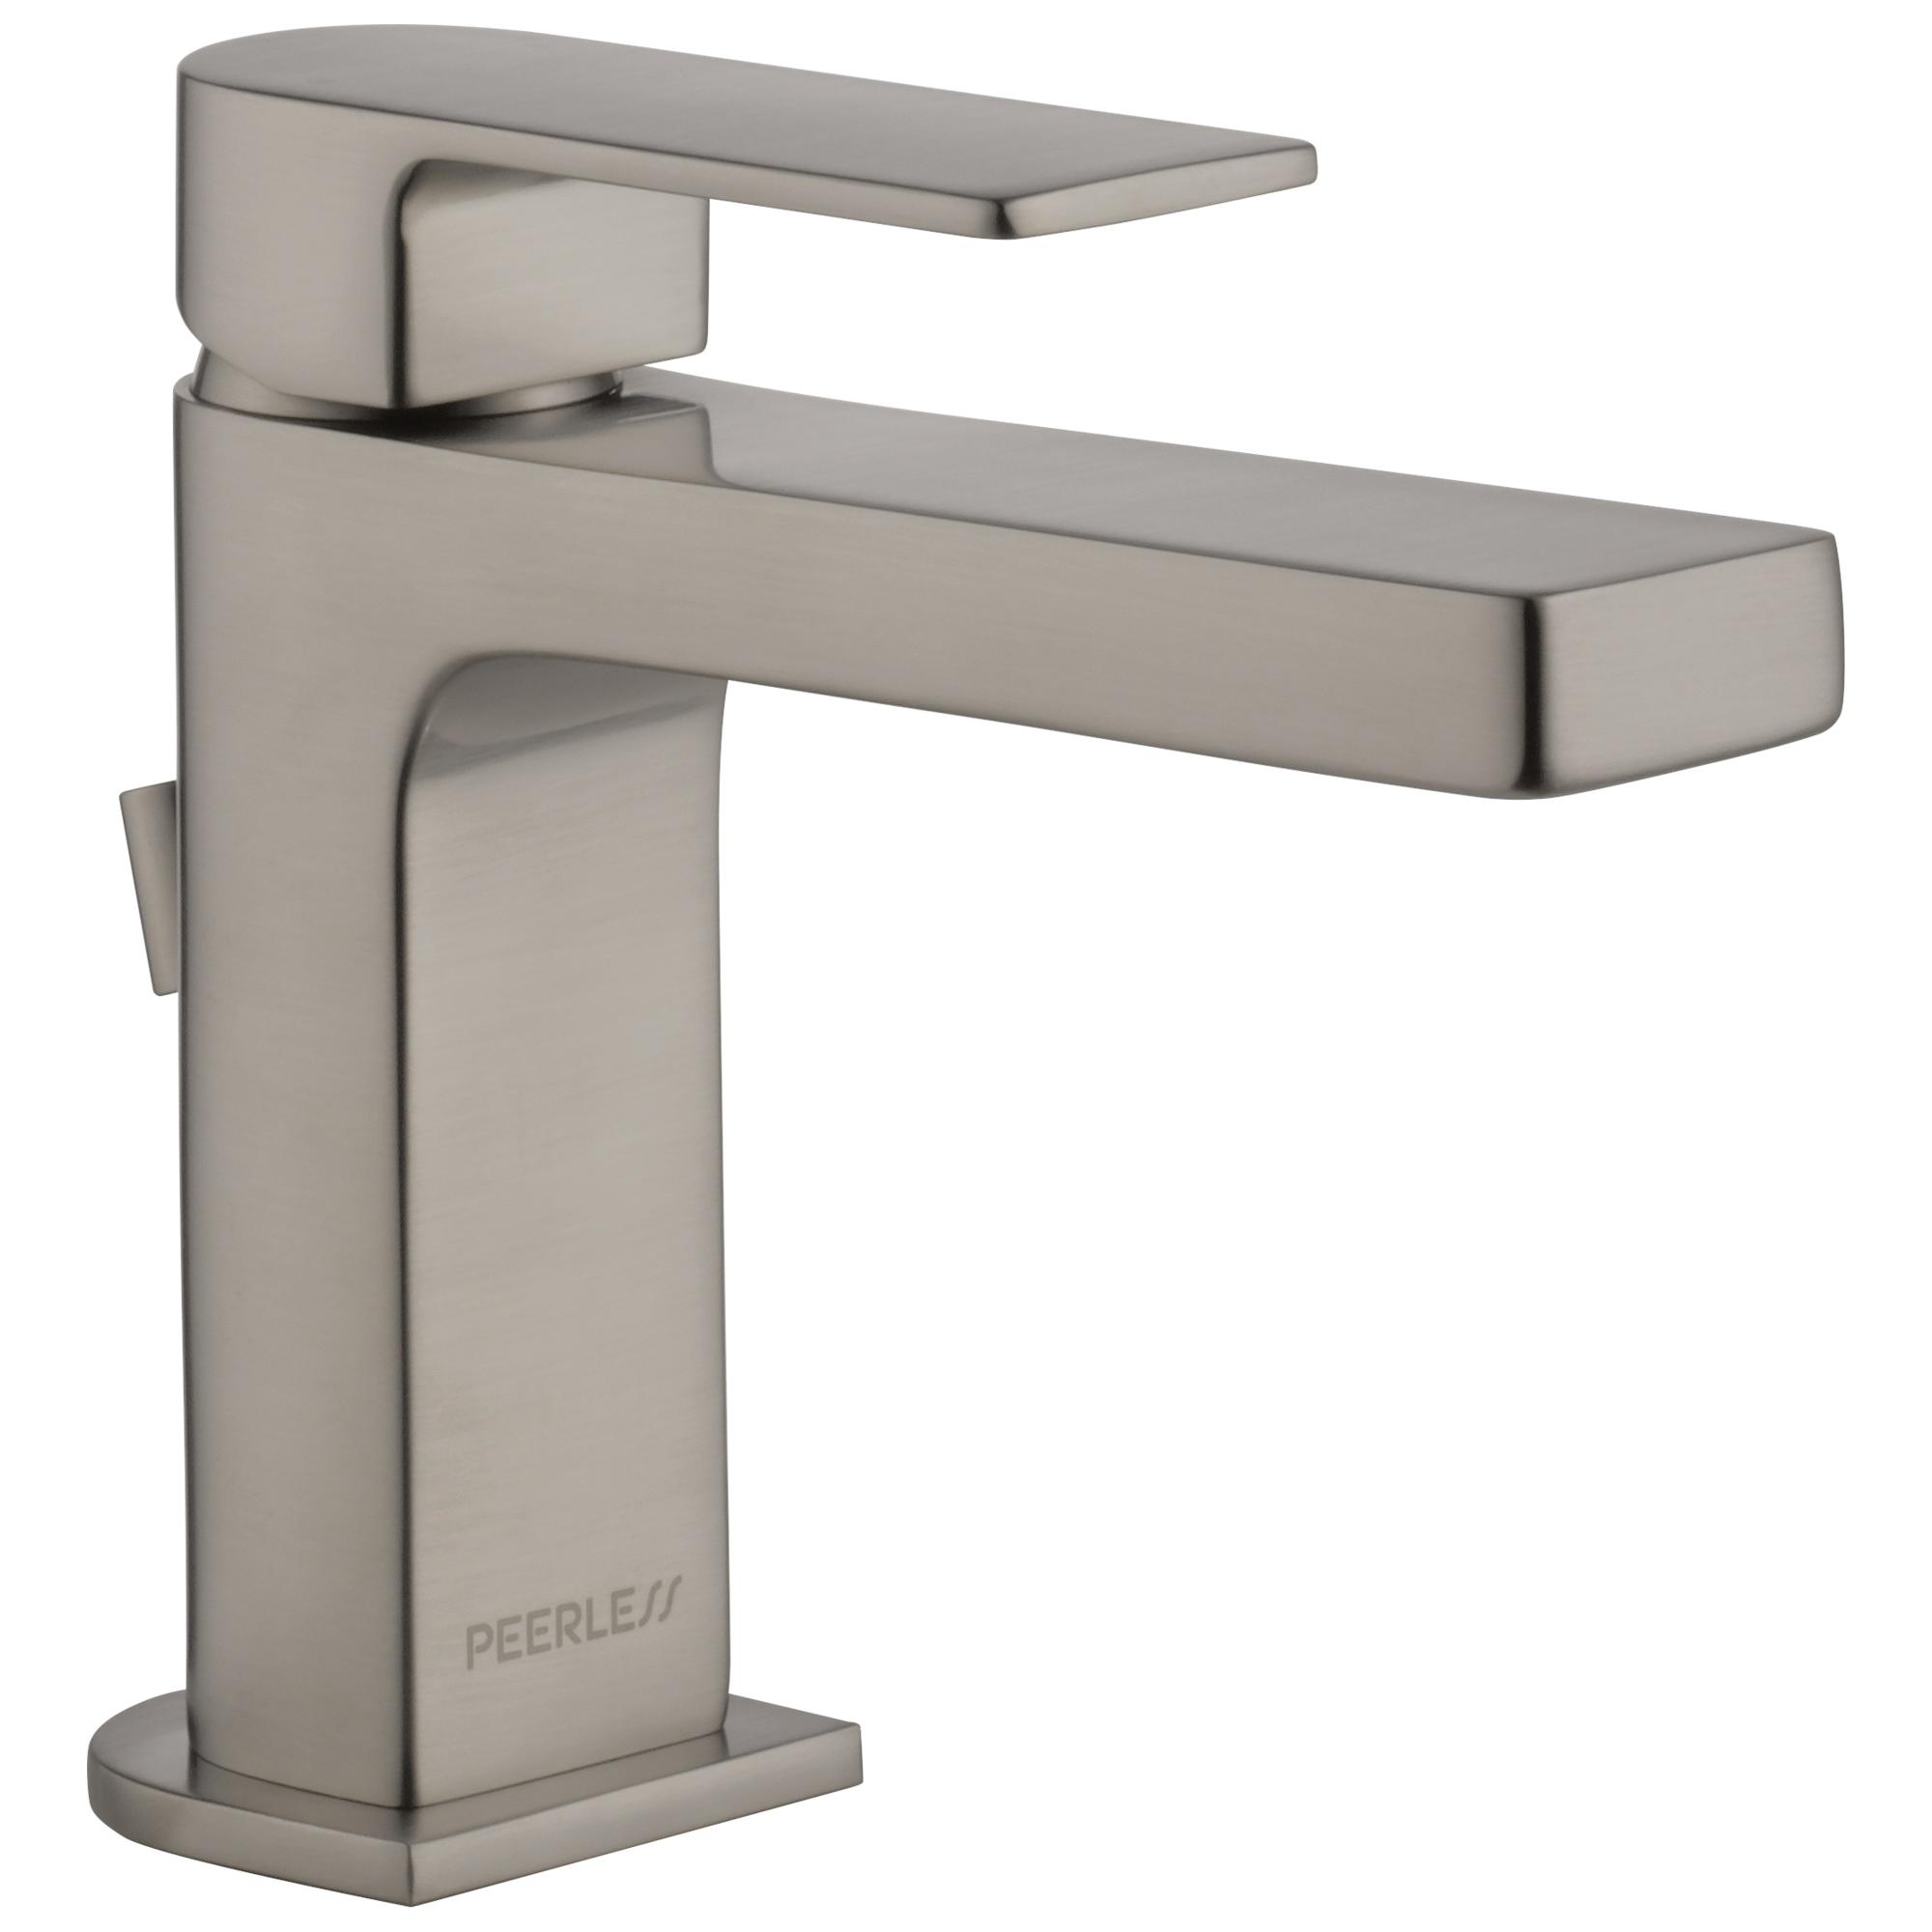 Peerless® P1519LF-BN-M Bathroom Faucet, Xander™, Brushed Nickel, 1 Handles, Metal Pop-Up Drain, 1 gpm